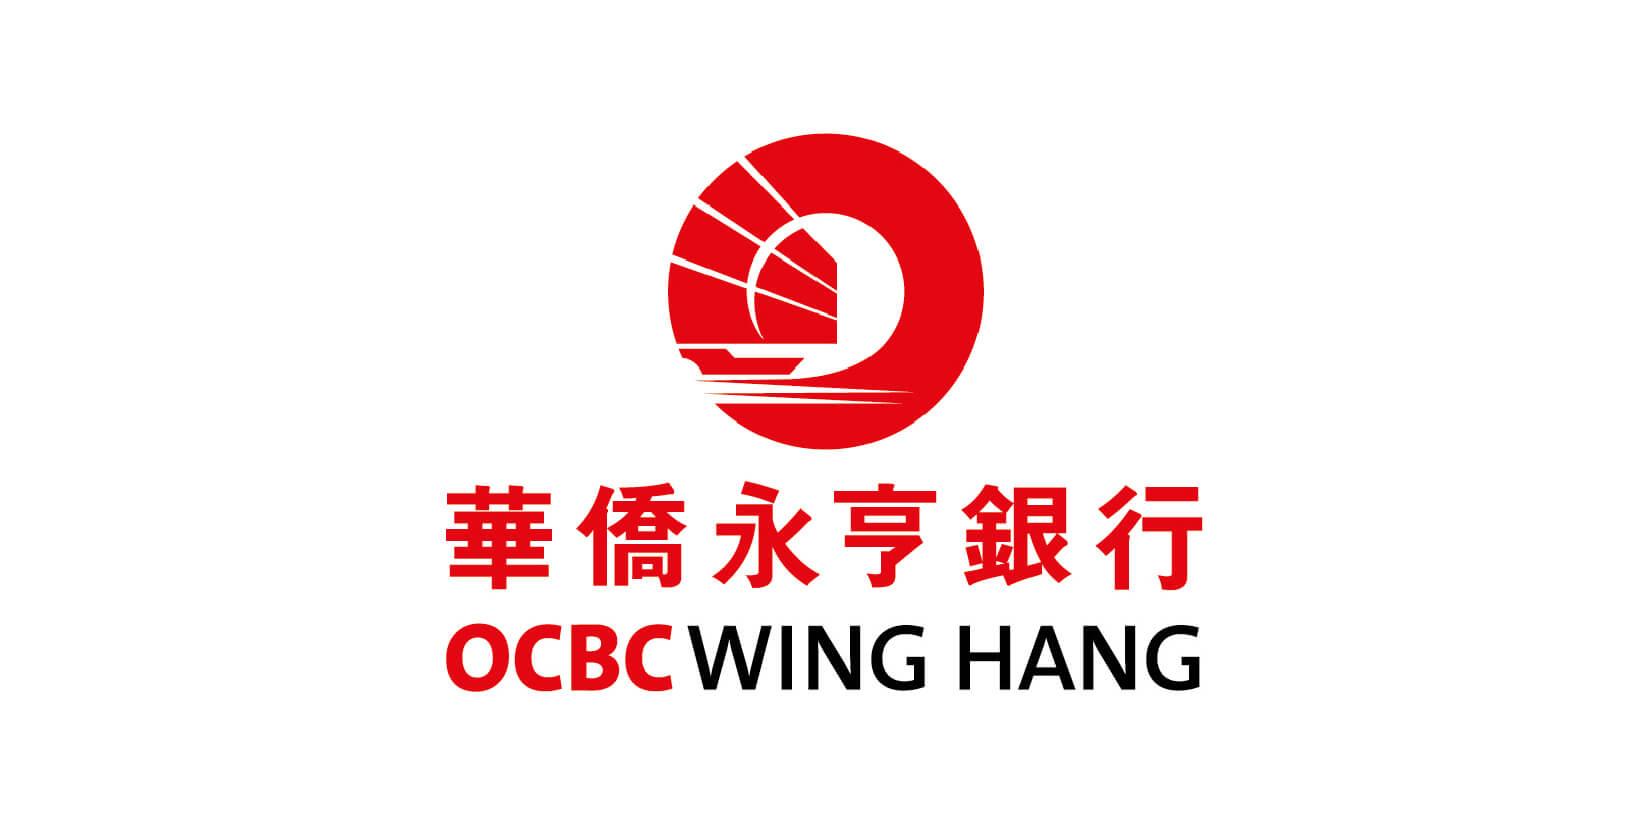 OCBC macau jobscall.me recruitment ad 澳門招聘-01.jpg